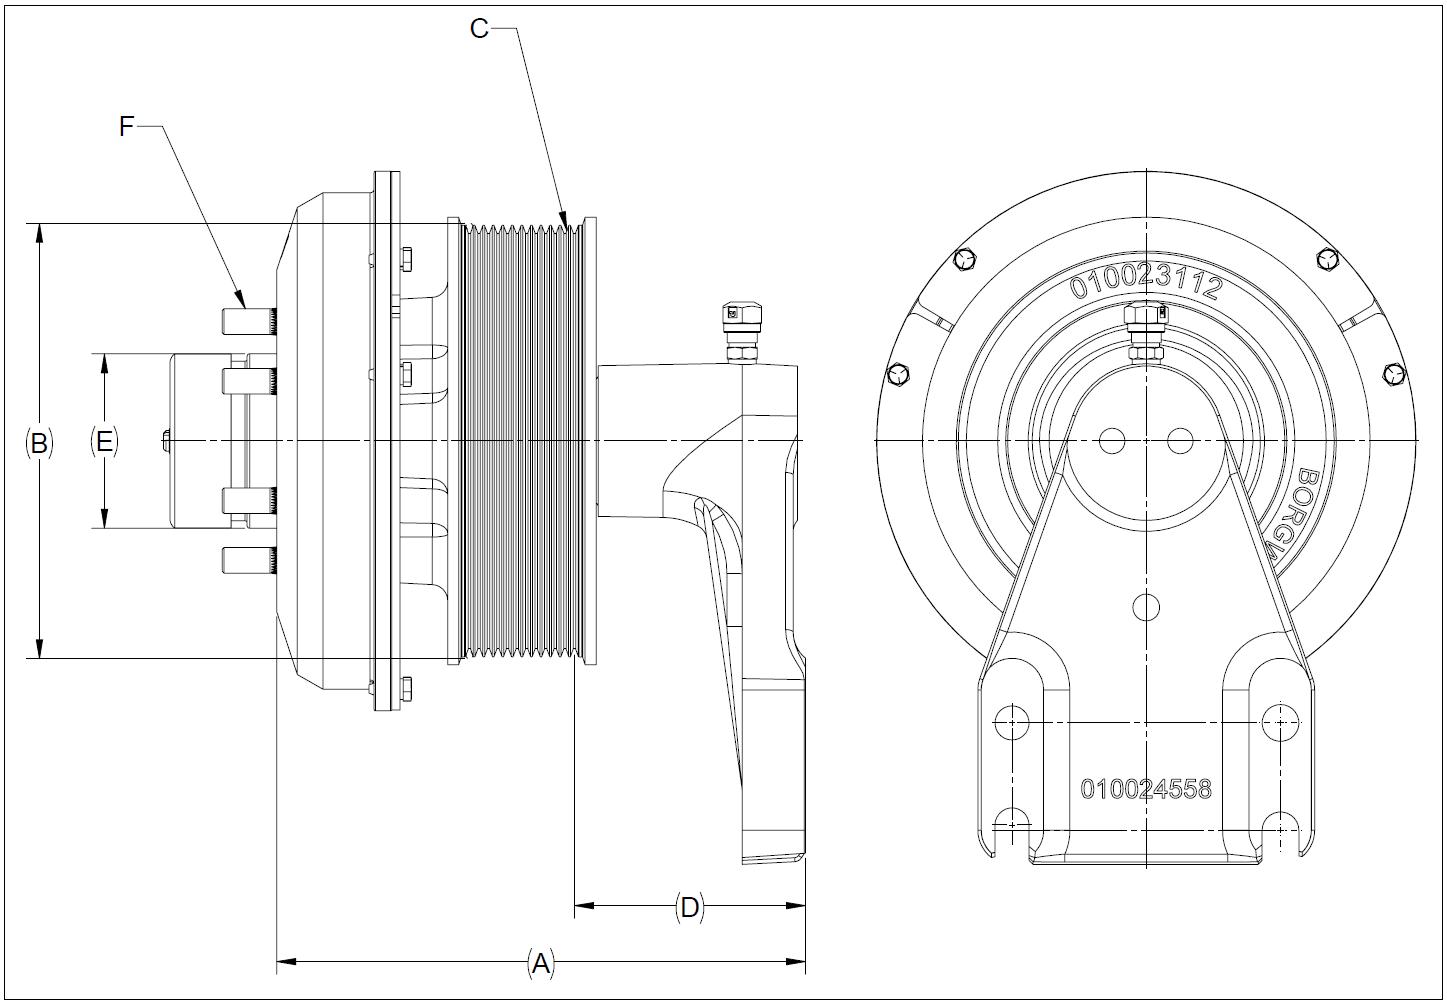 010026187 K32 Rear Air Fan Drive Assembly